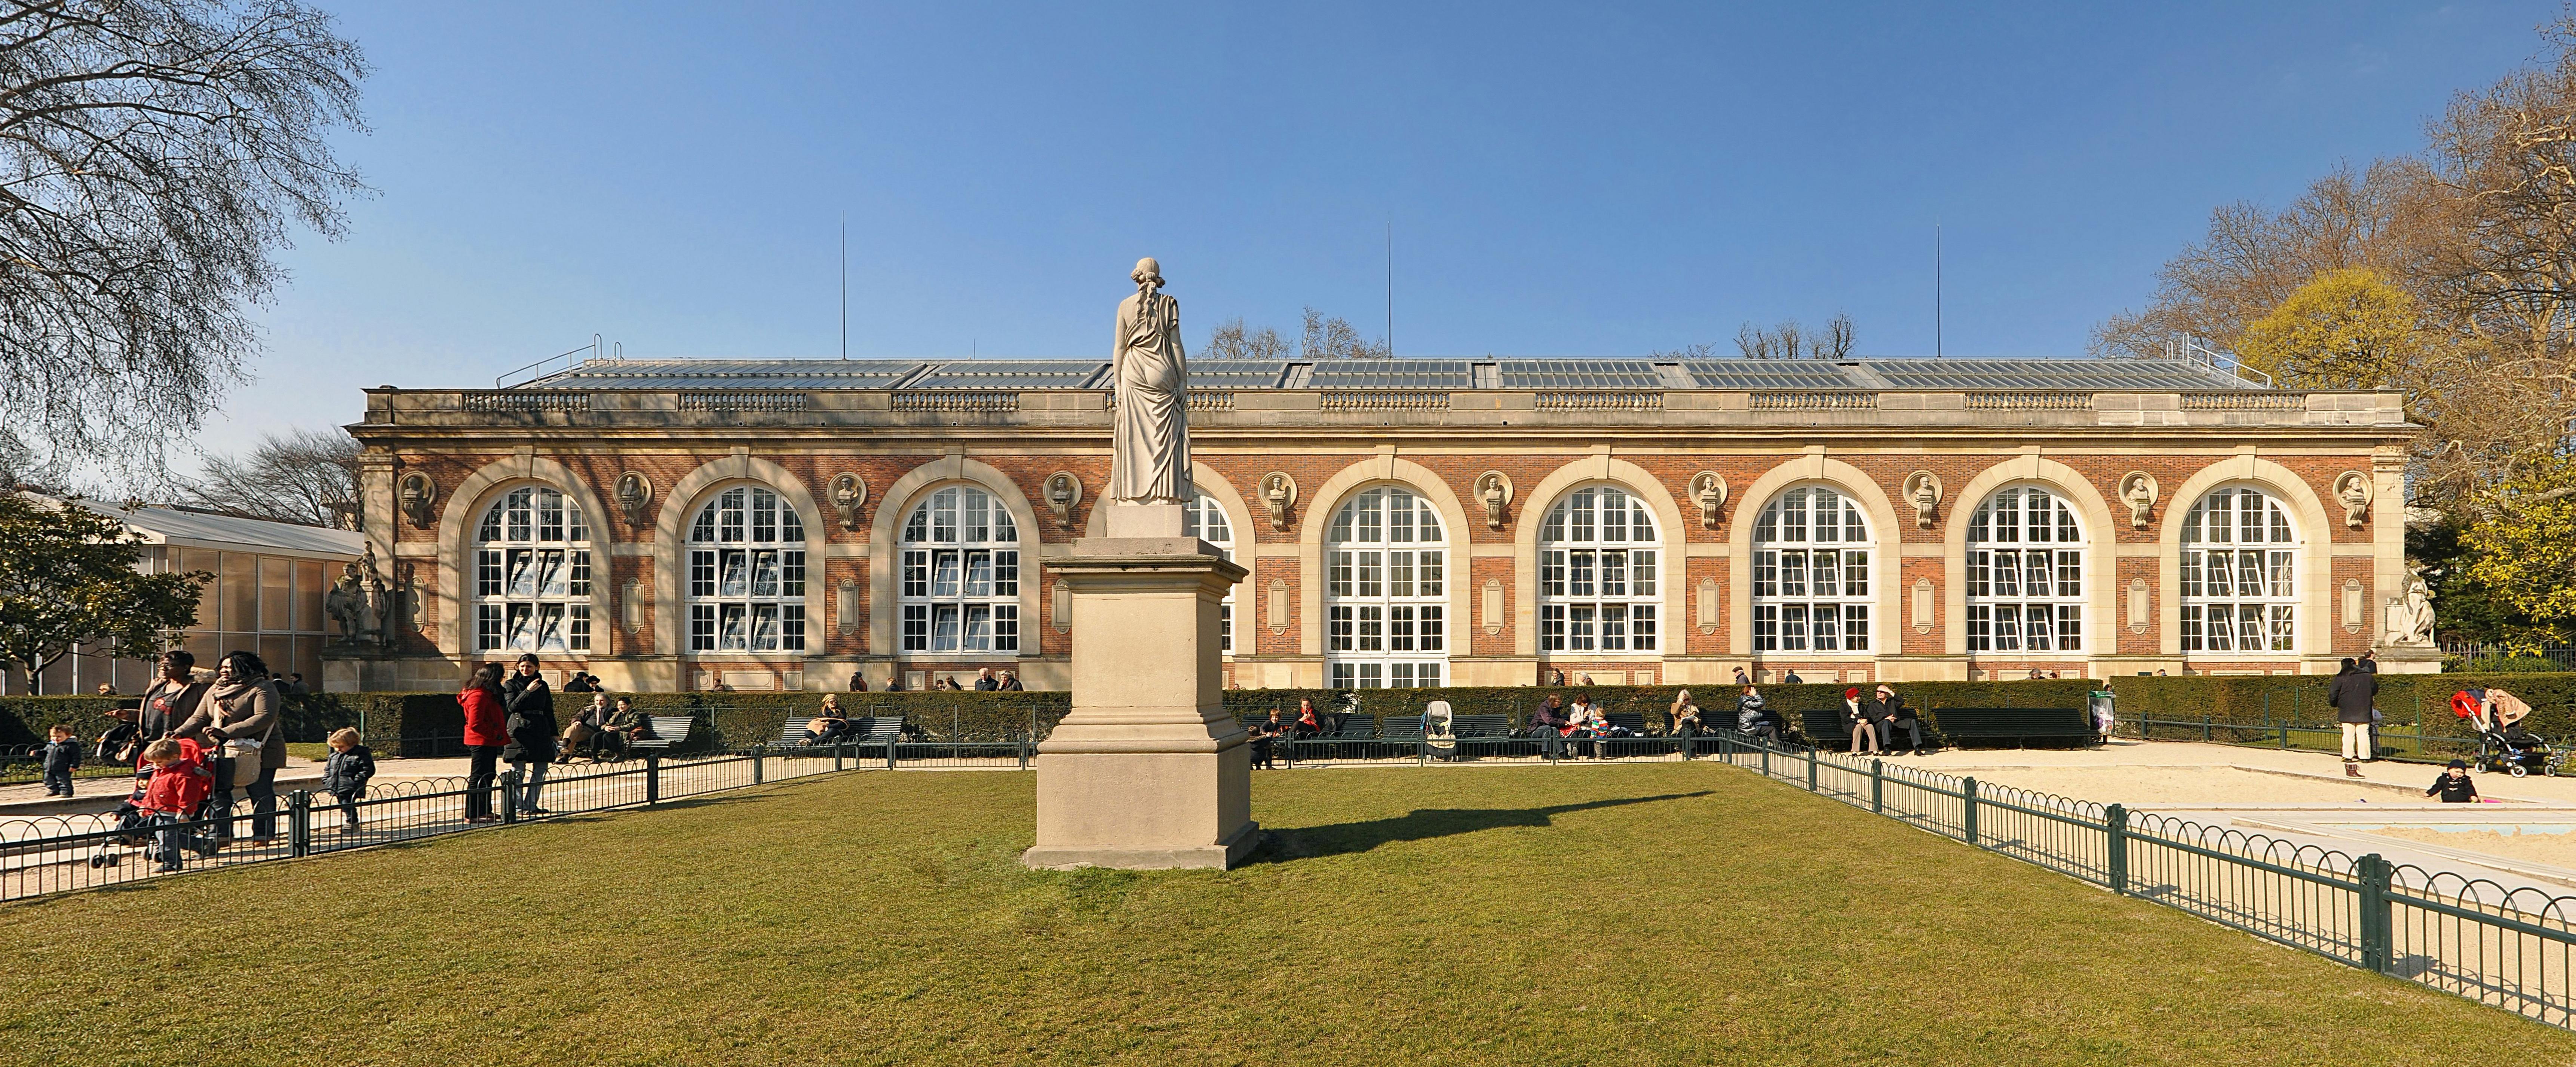 file orangerie du jardin du luxembourg paris